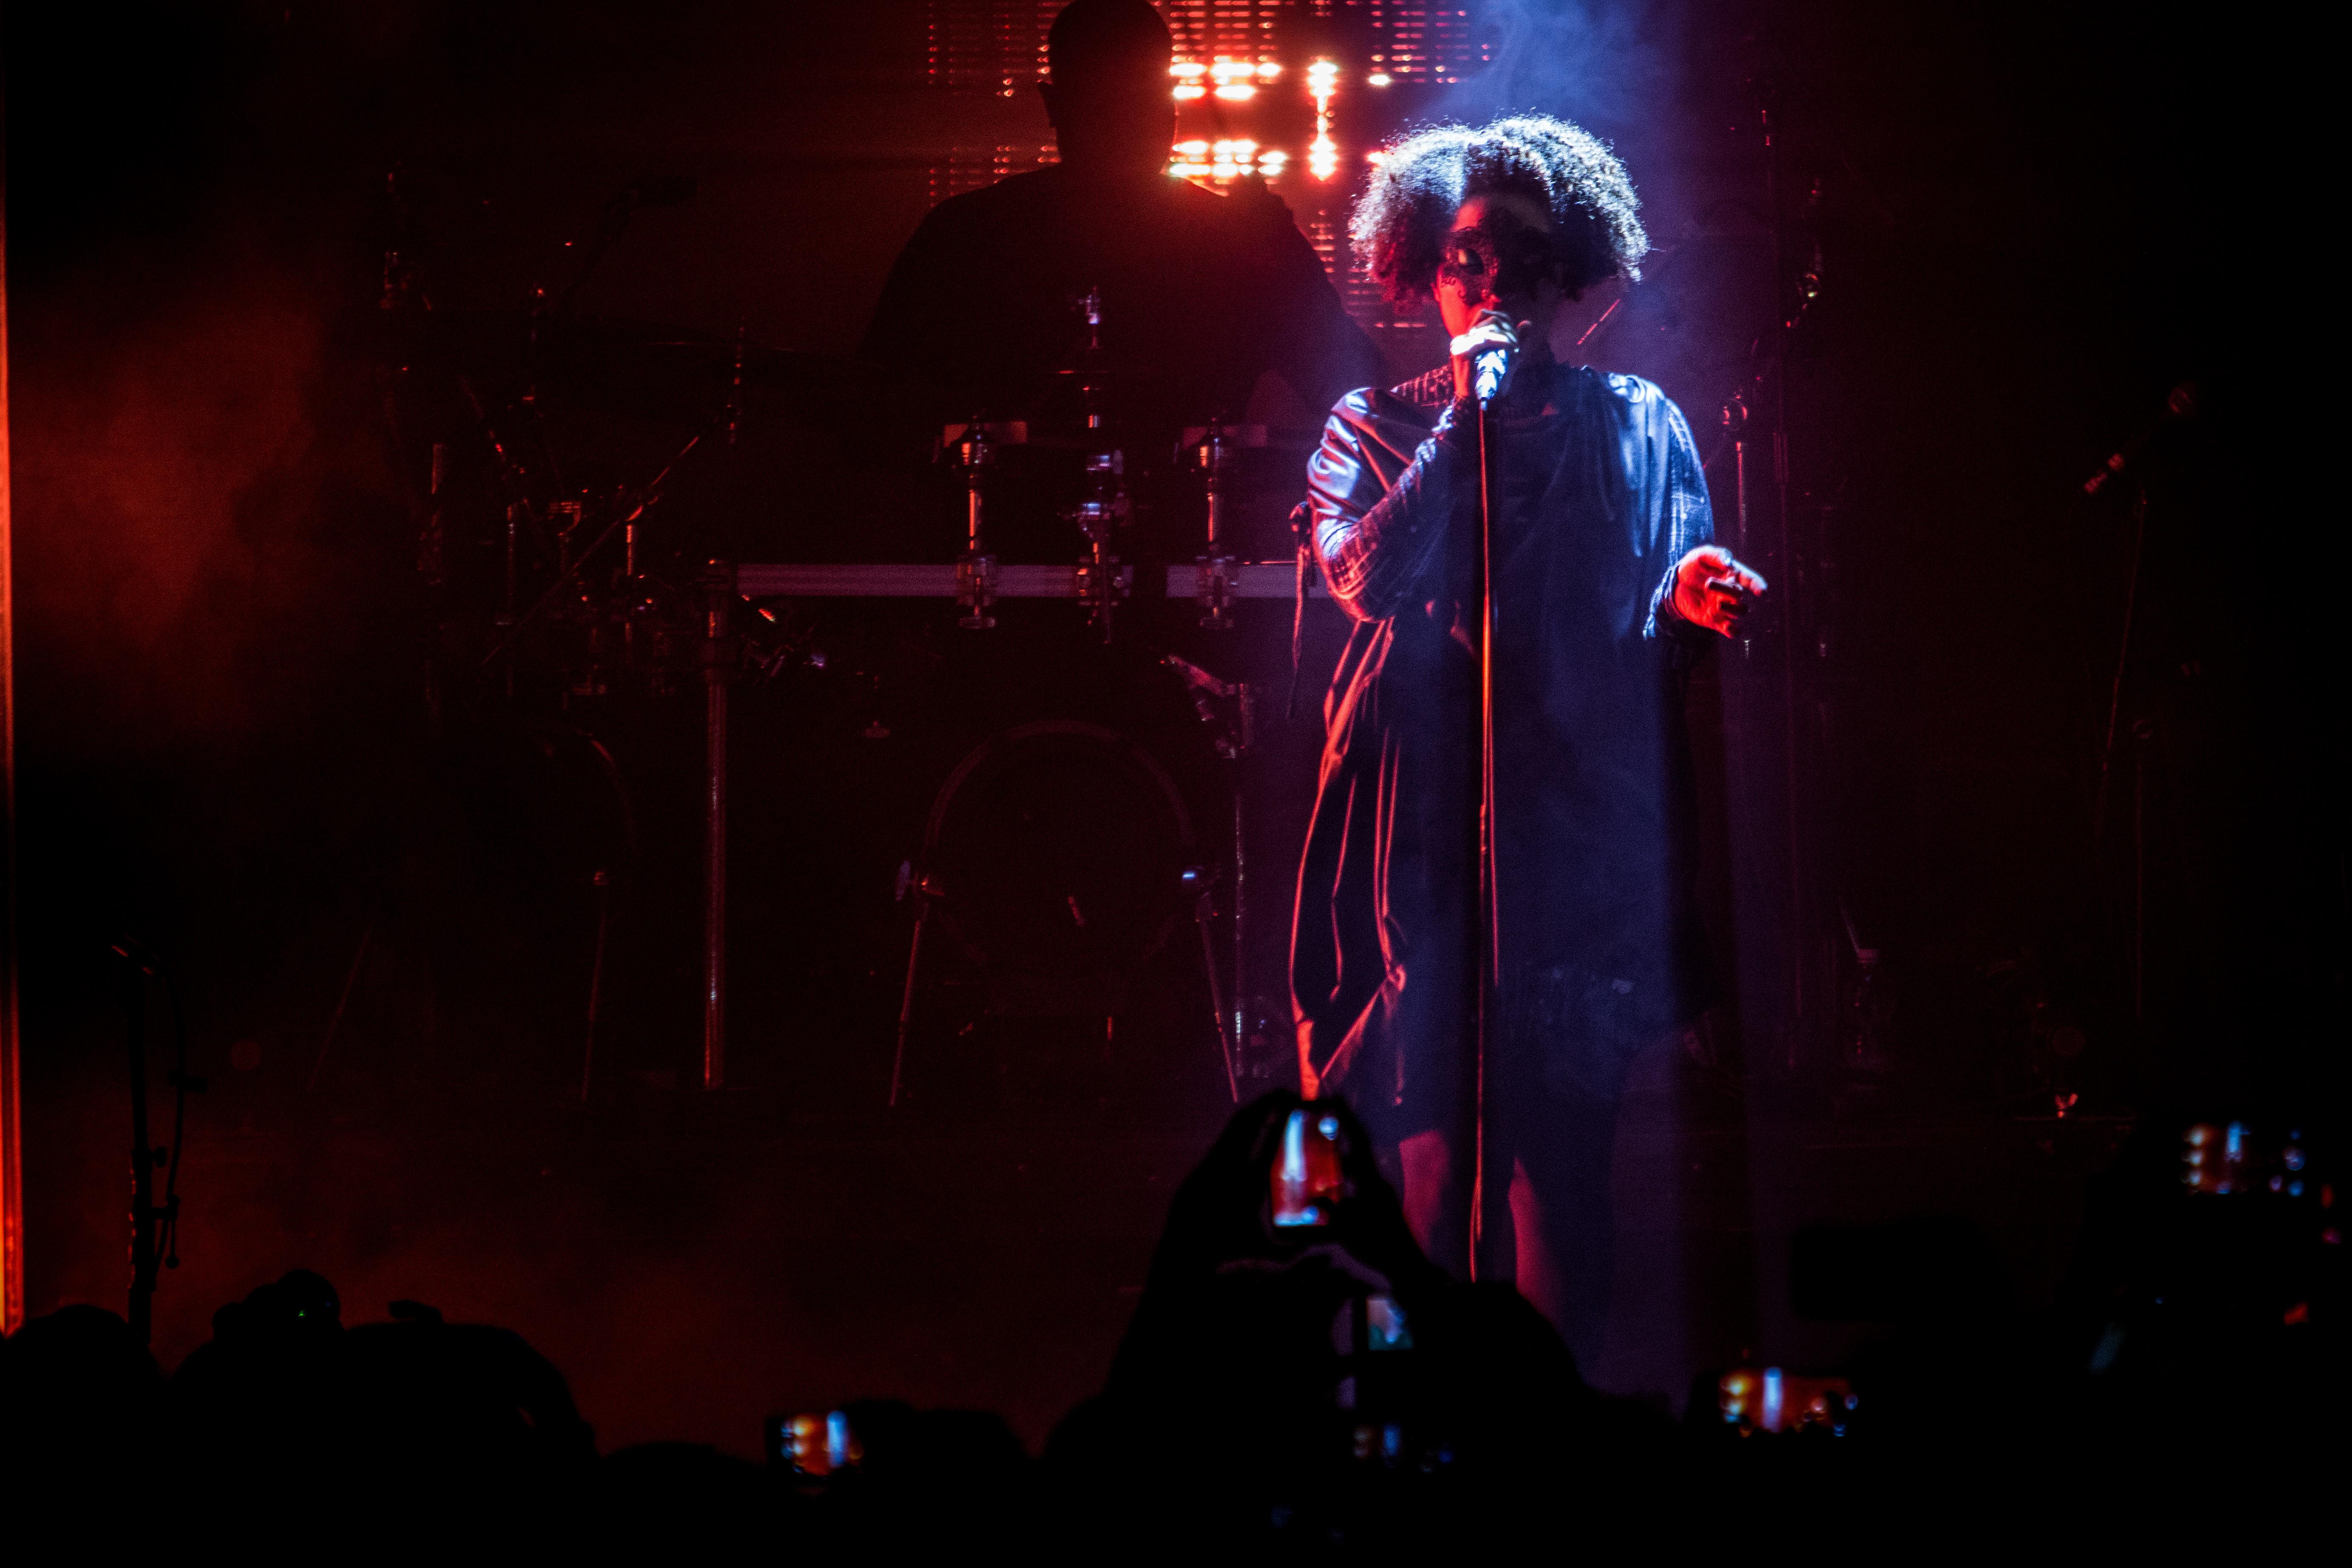 Музыканты Massive Attack закодировали альбом вмолекуле ДНК— Безумная идея реализована